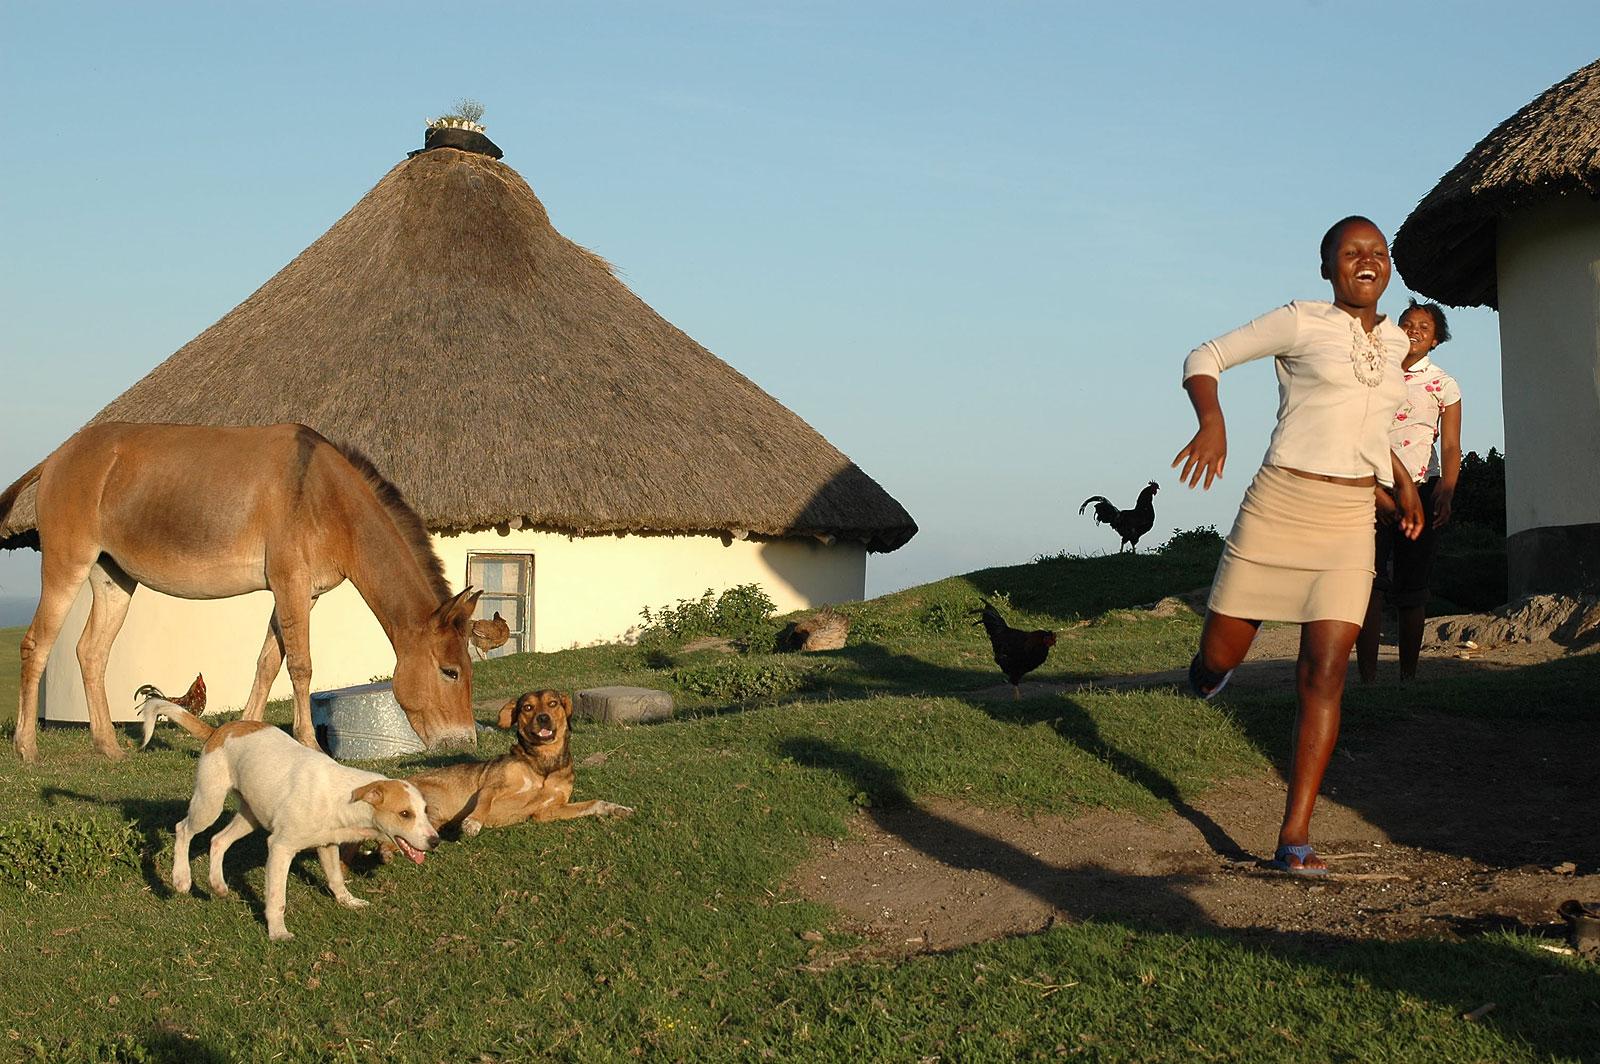 Ik Zuid-Afrika als mijn tweede vaderland en kom er gemiddeld tweemaal per jaar.